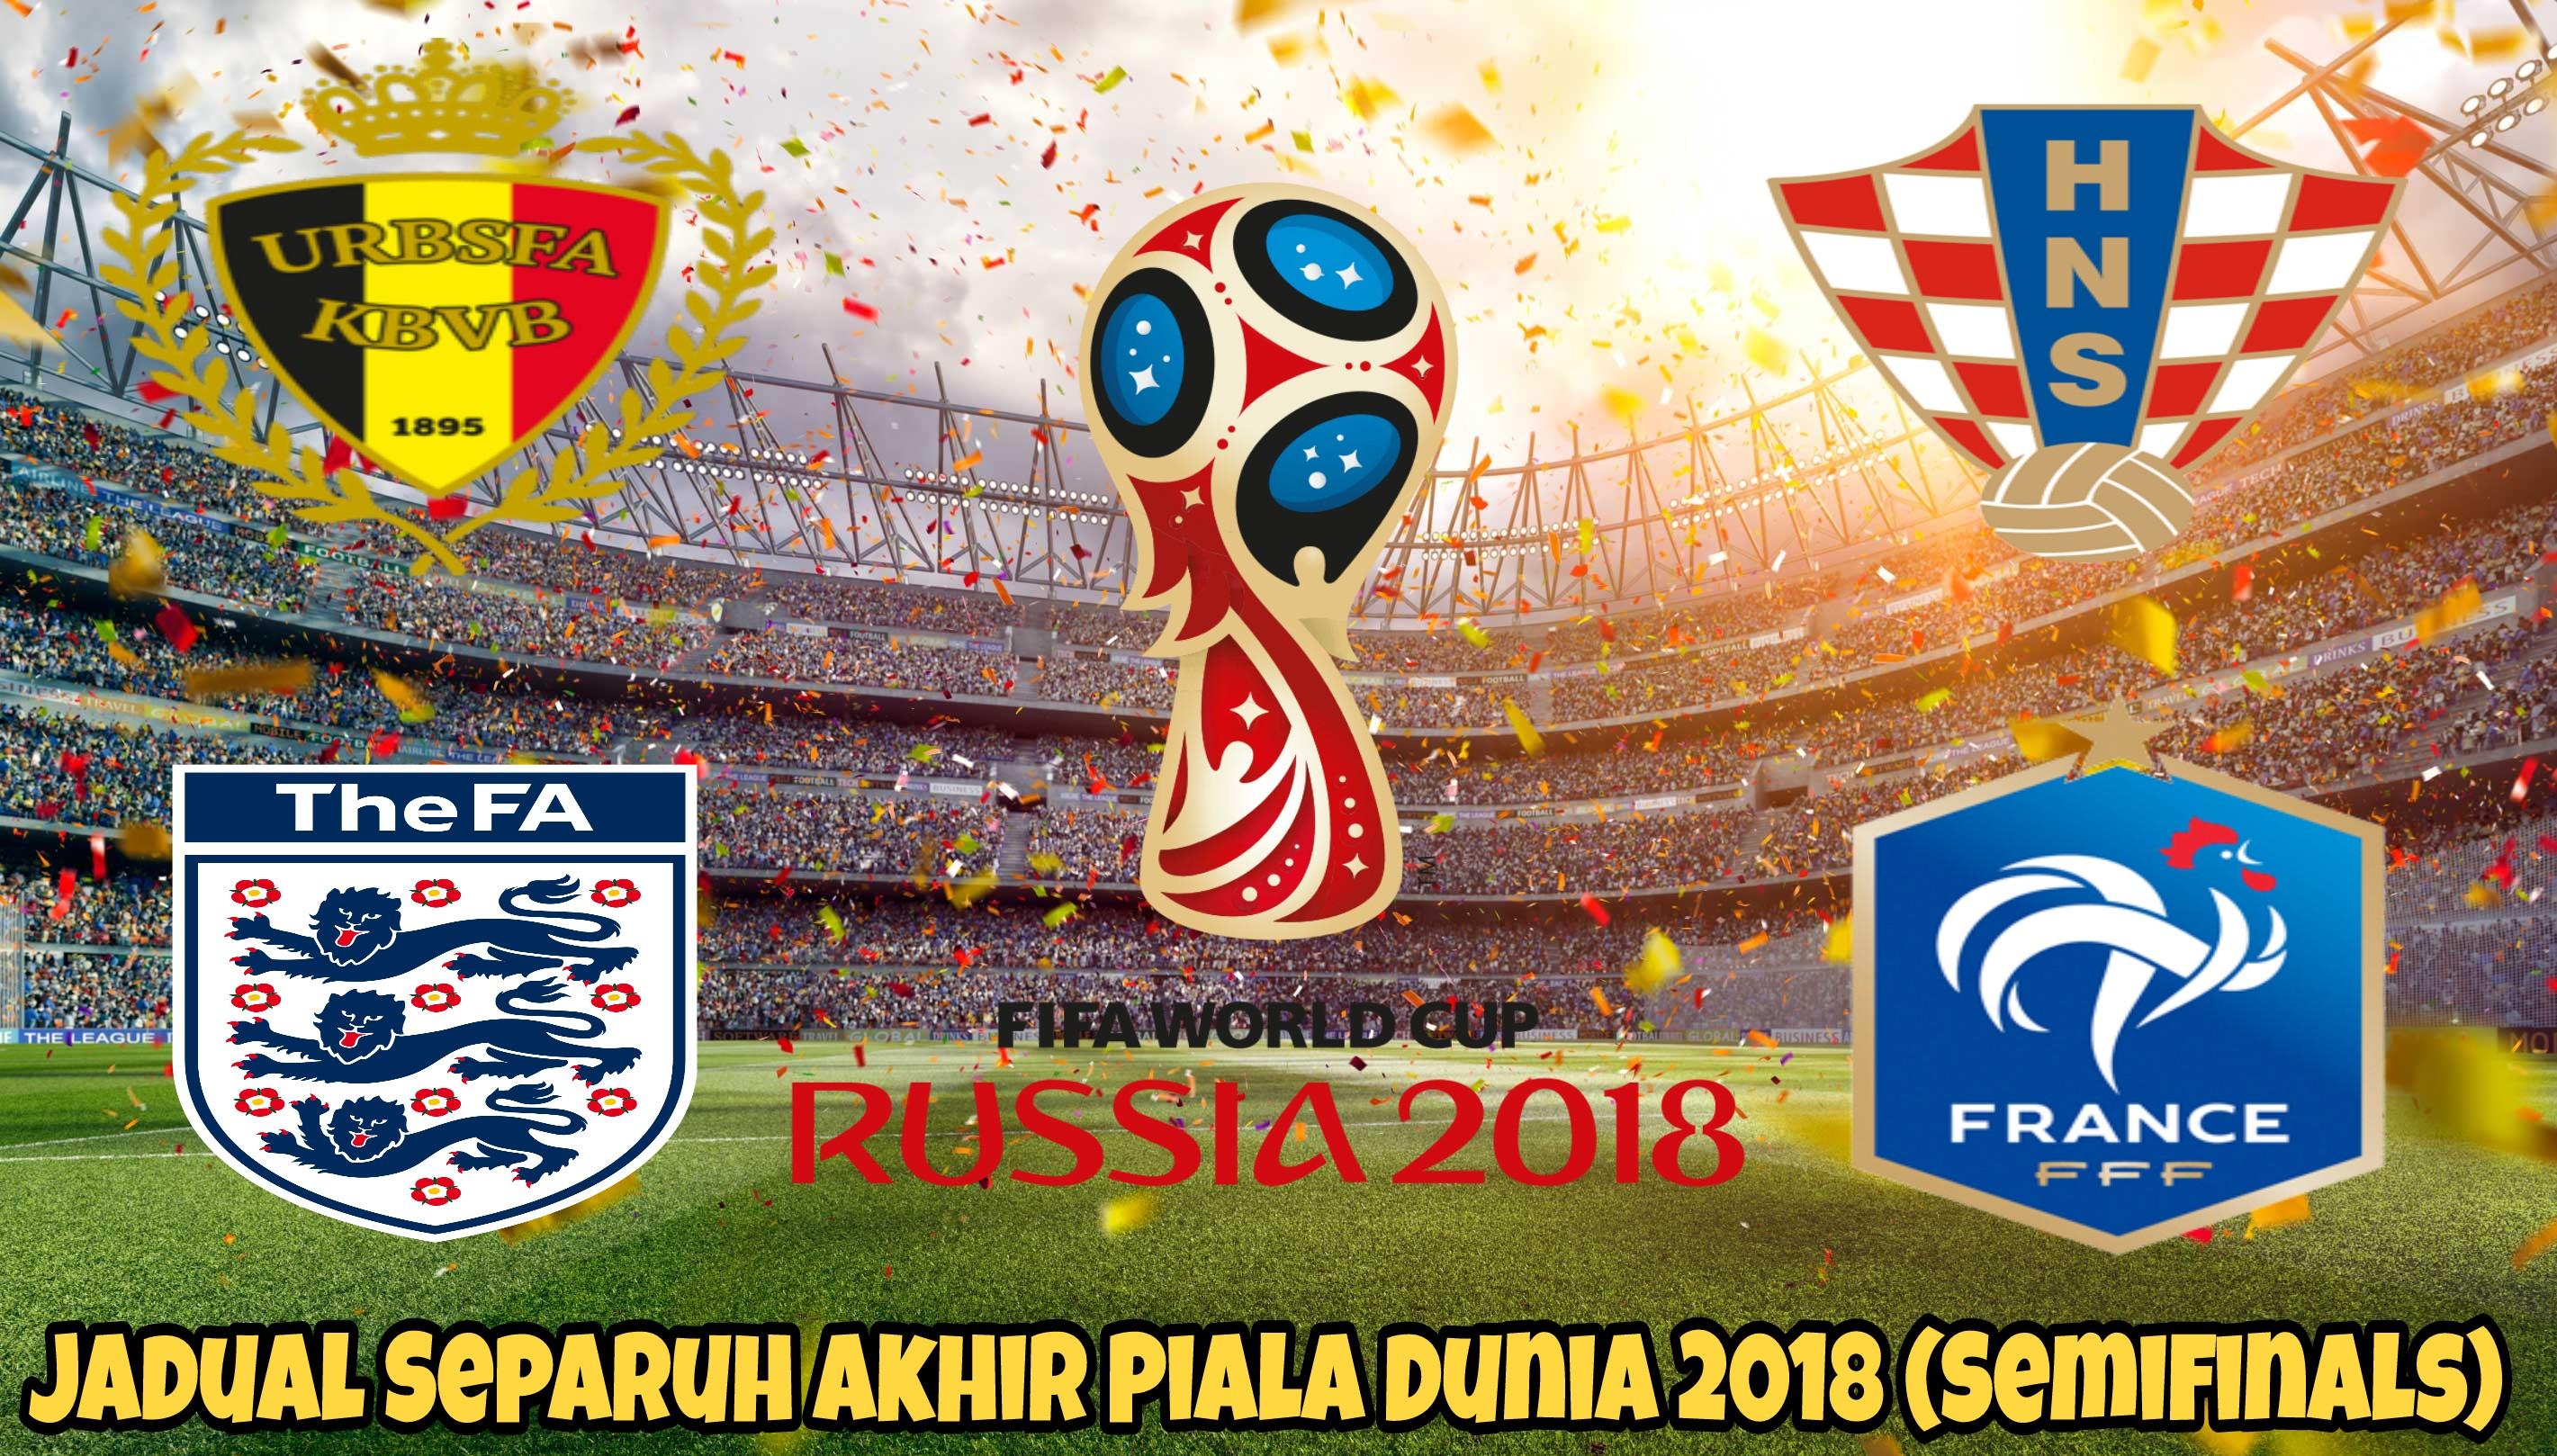 Jadual Separuh Akhir Piala Dunia 2018 (Semifinals)